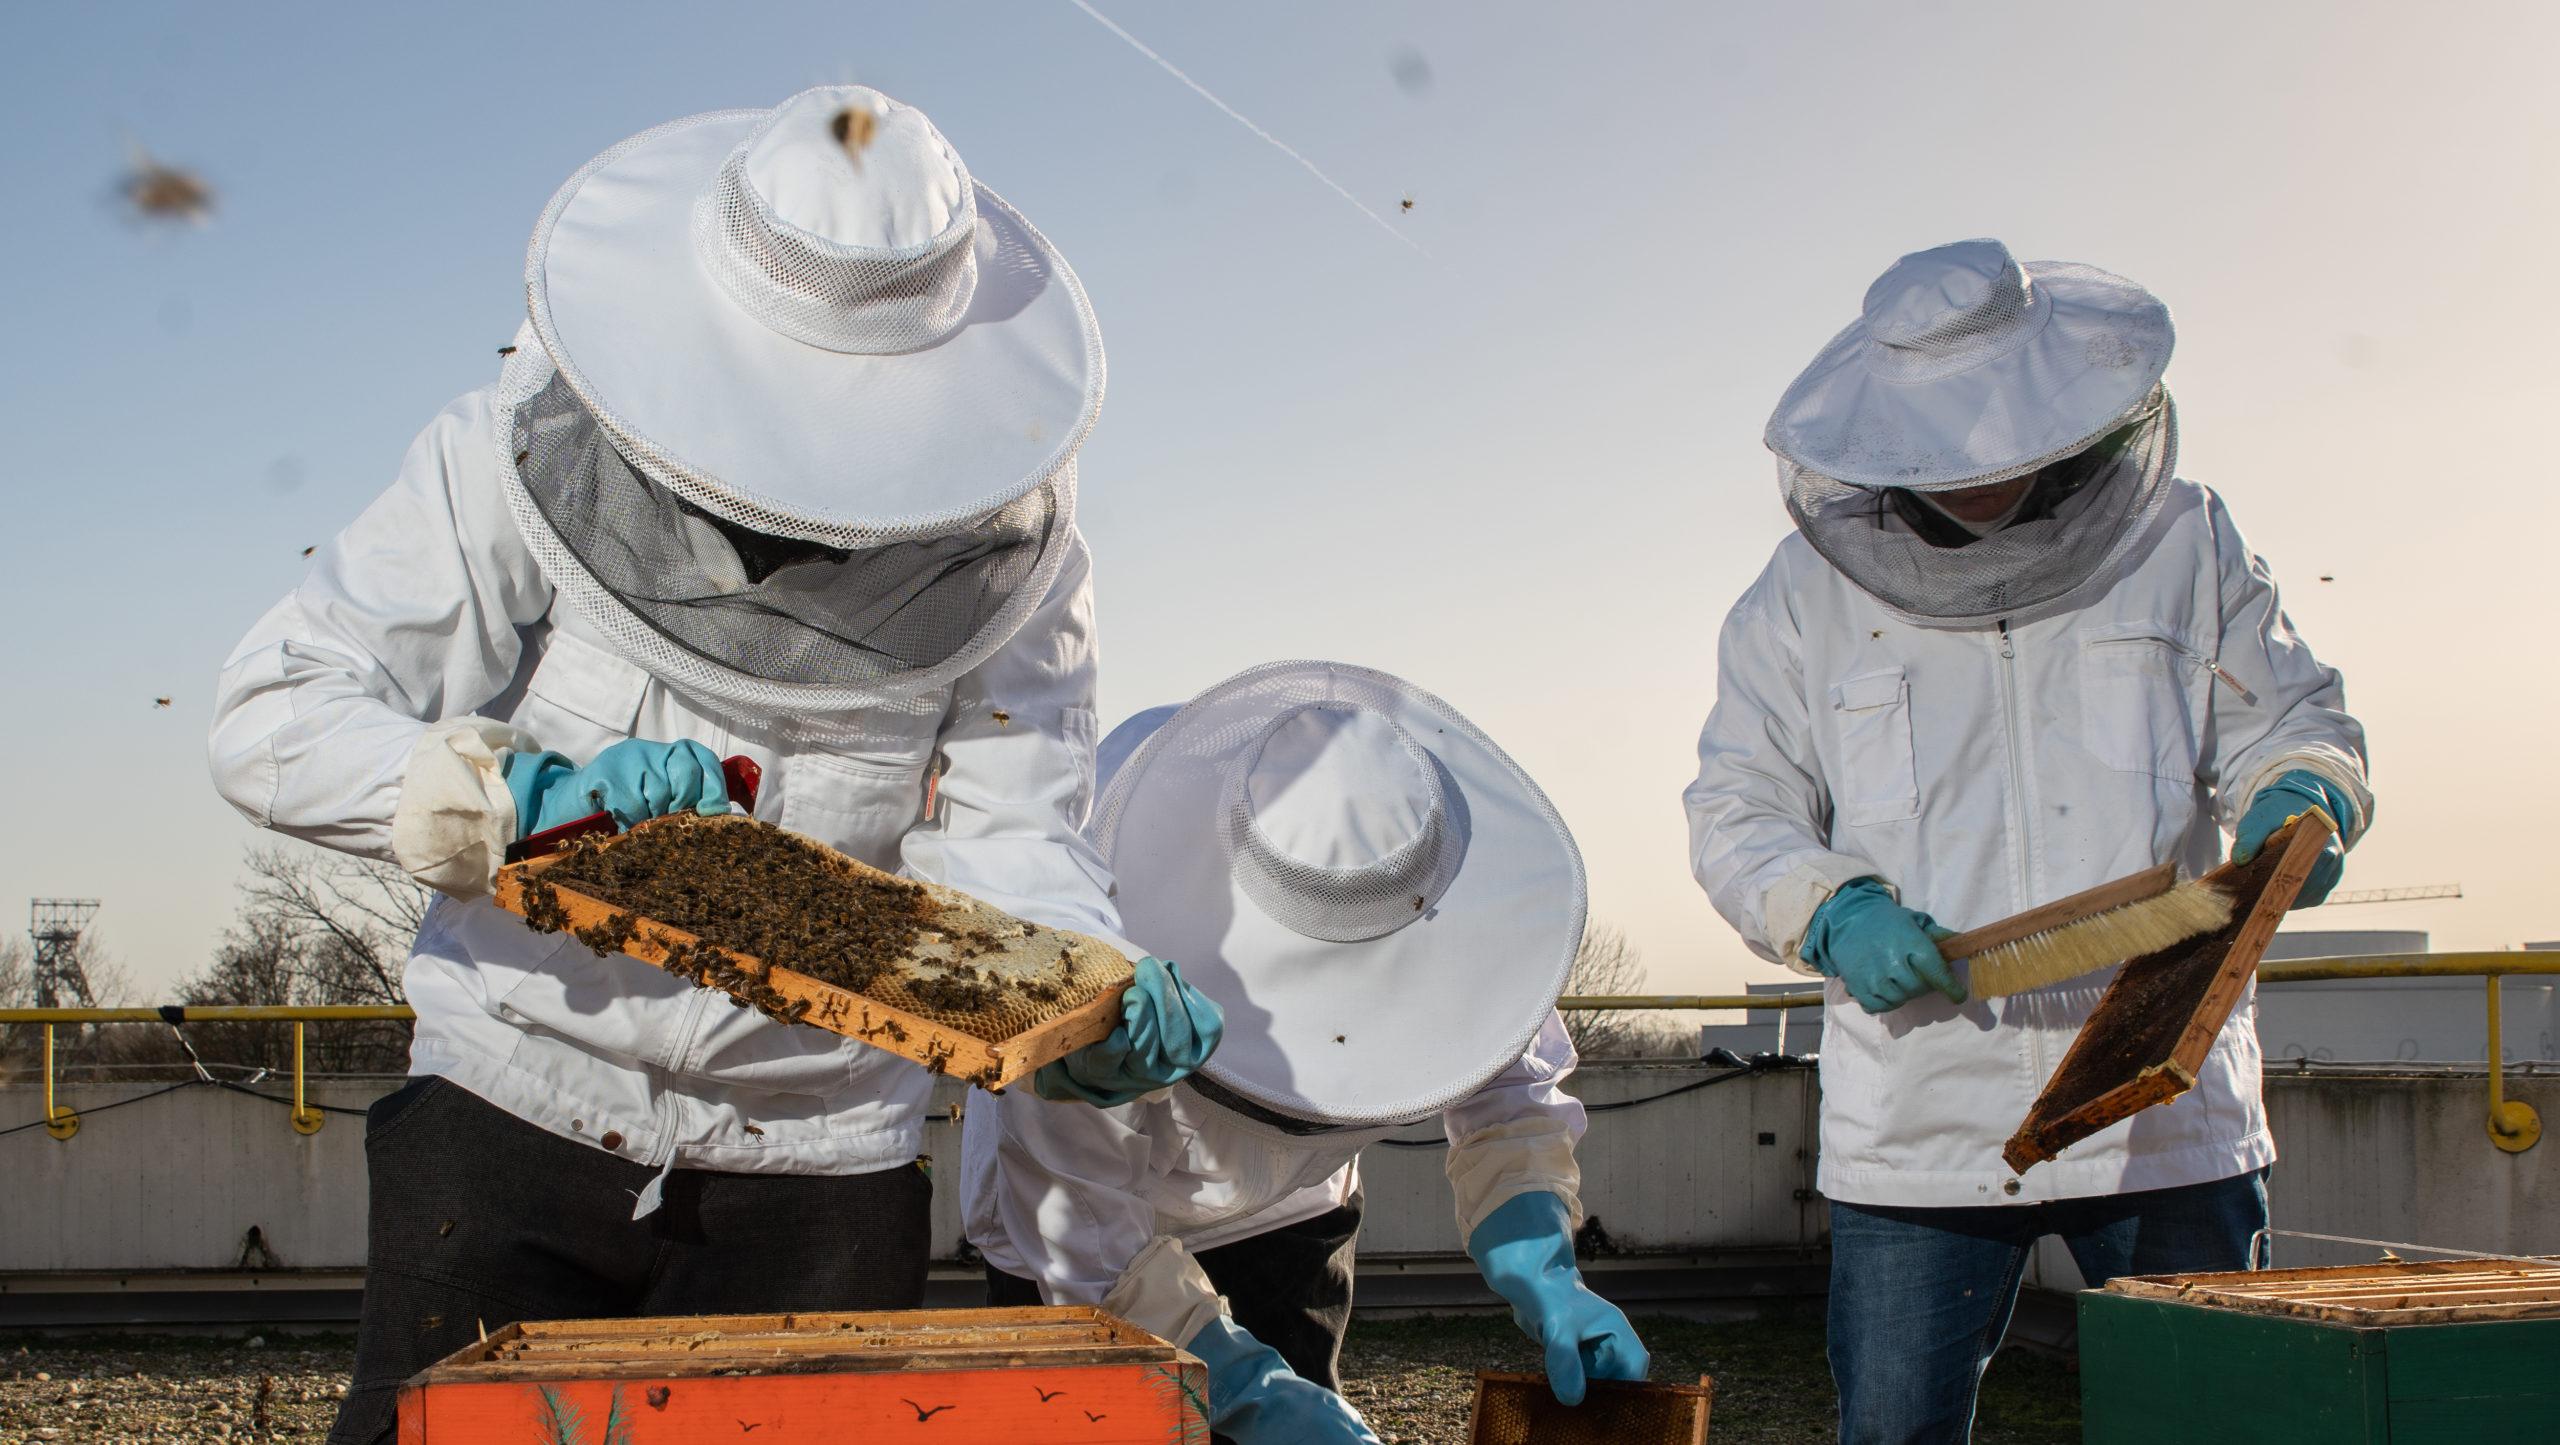 Wo fleißige Bienen flott machen - mit Bildergalerie